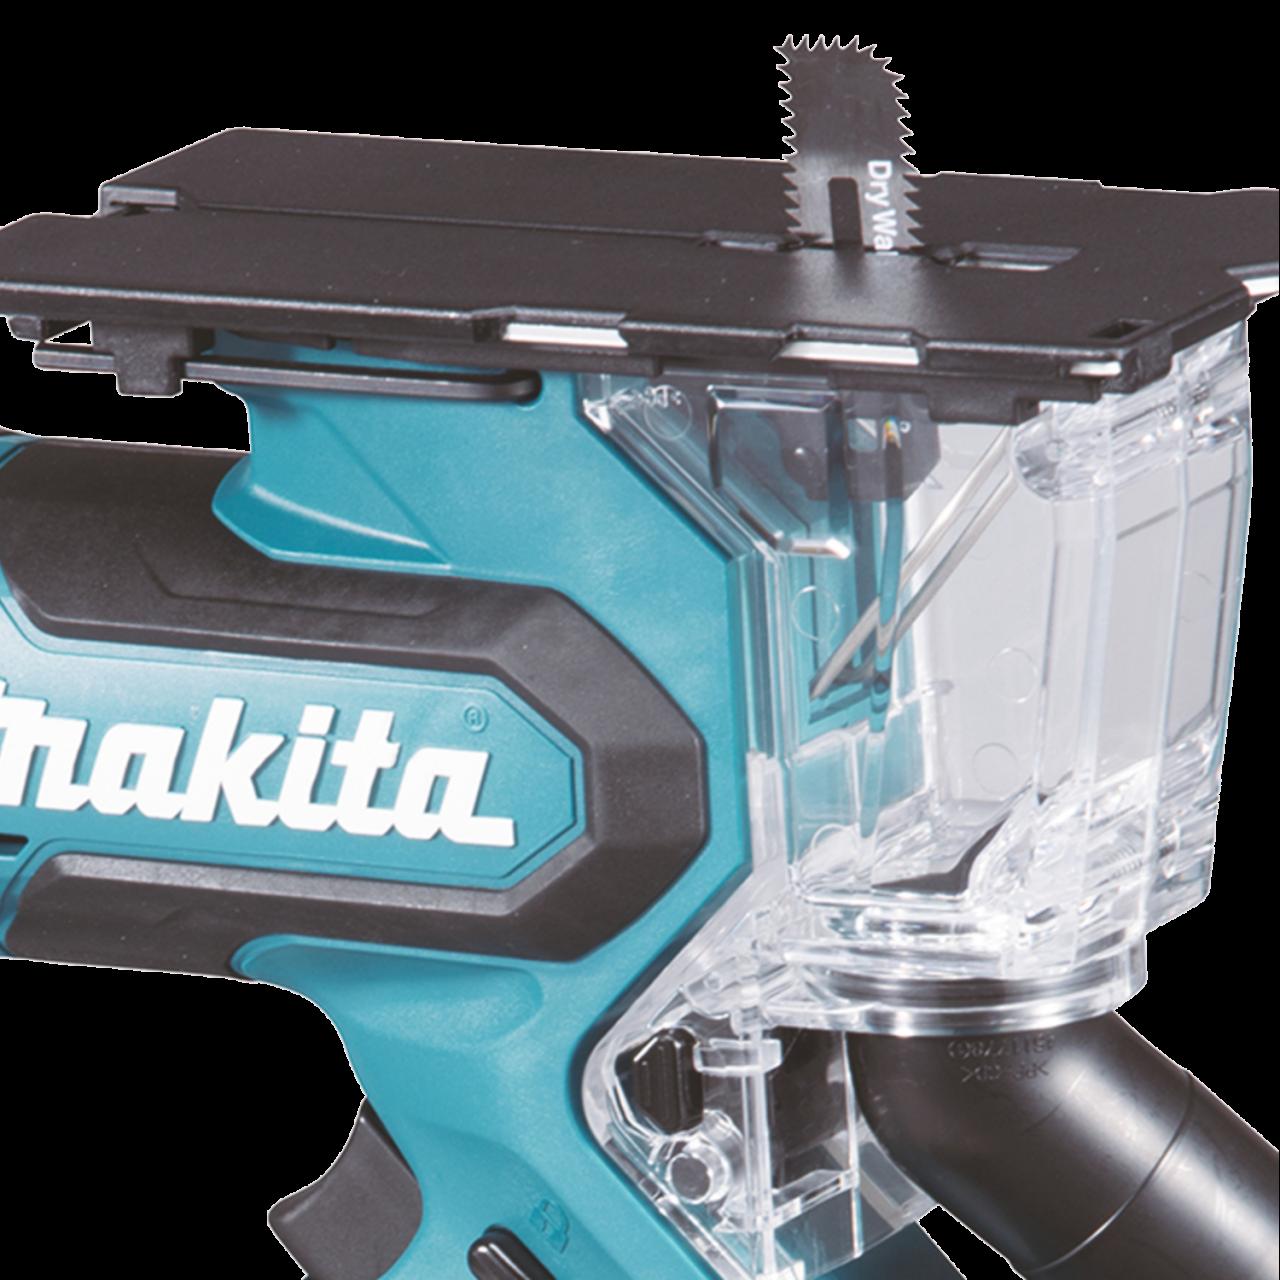 Makita DSD180ZJ Akku-Trockenbausäge im MAKPAC Gr. 2 inkl. Einlage, 18V, 15 mm, 0-6.000 min-1